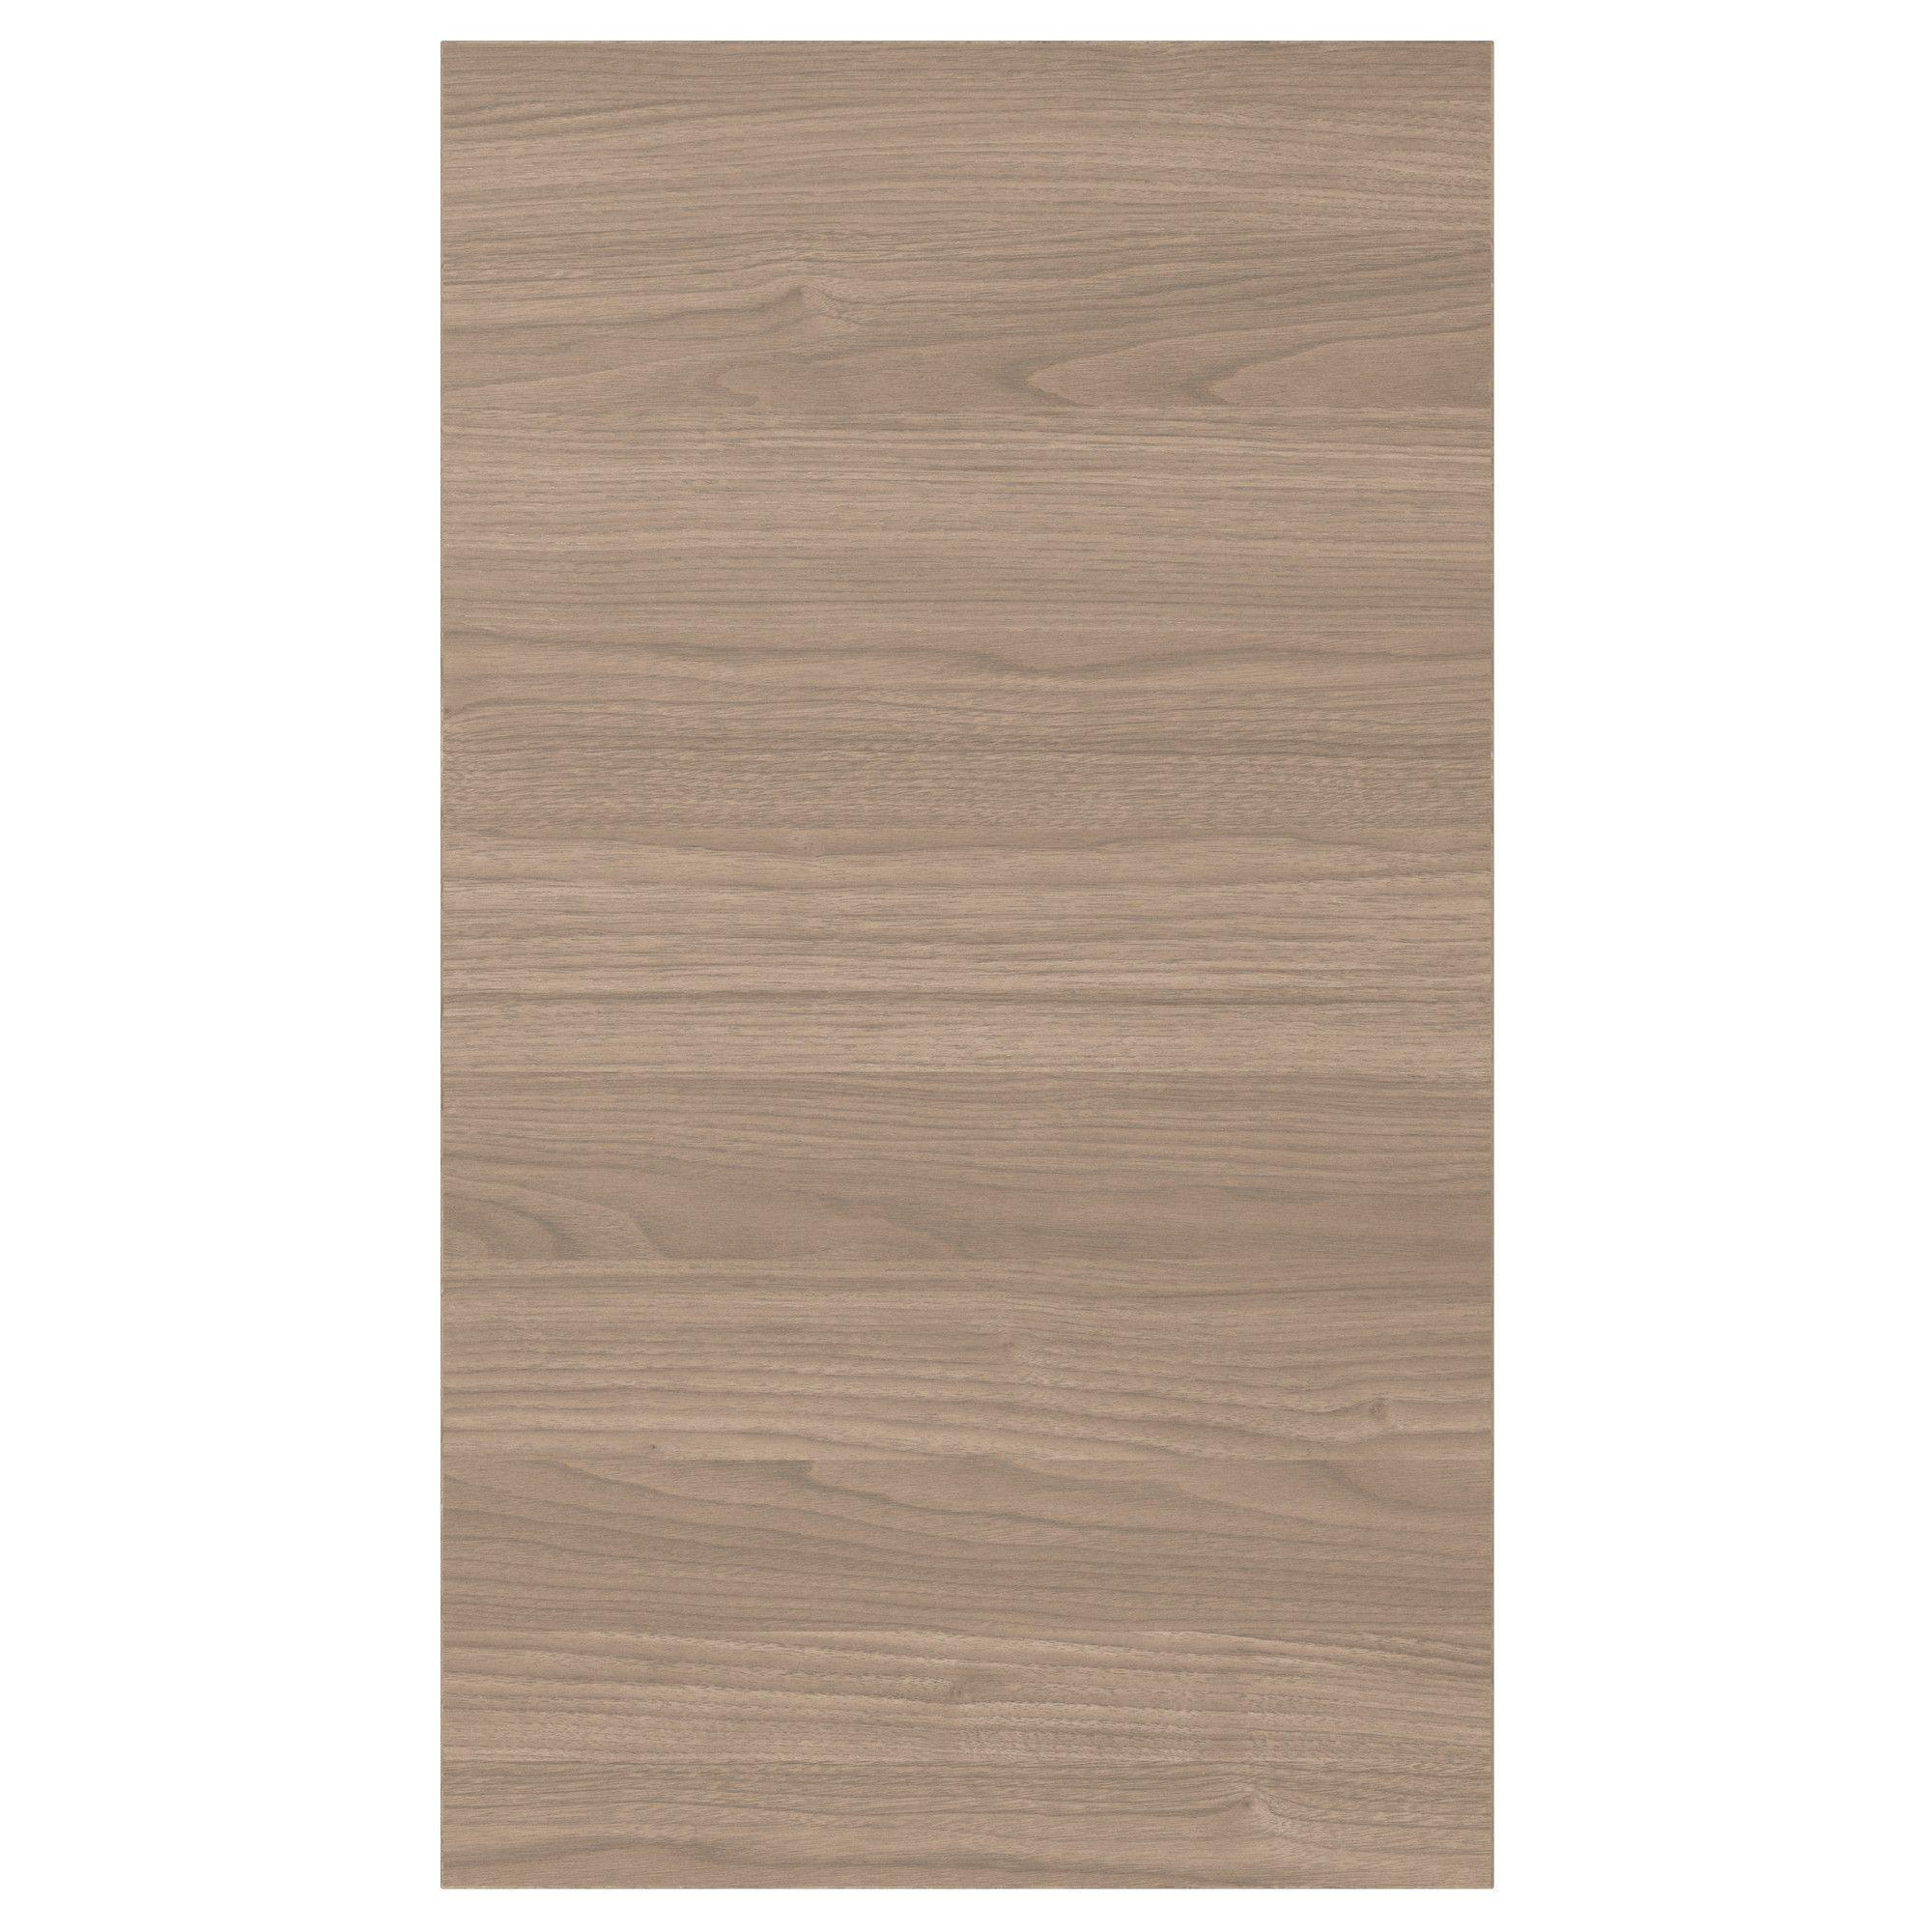 SOFIELUND Porte - 60x35 cm - IKEA